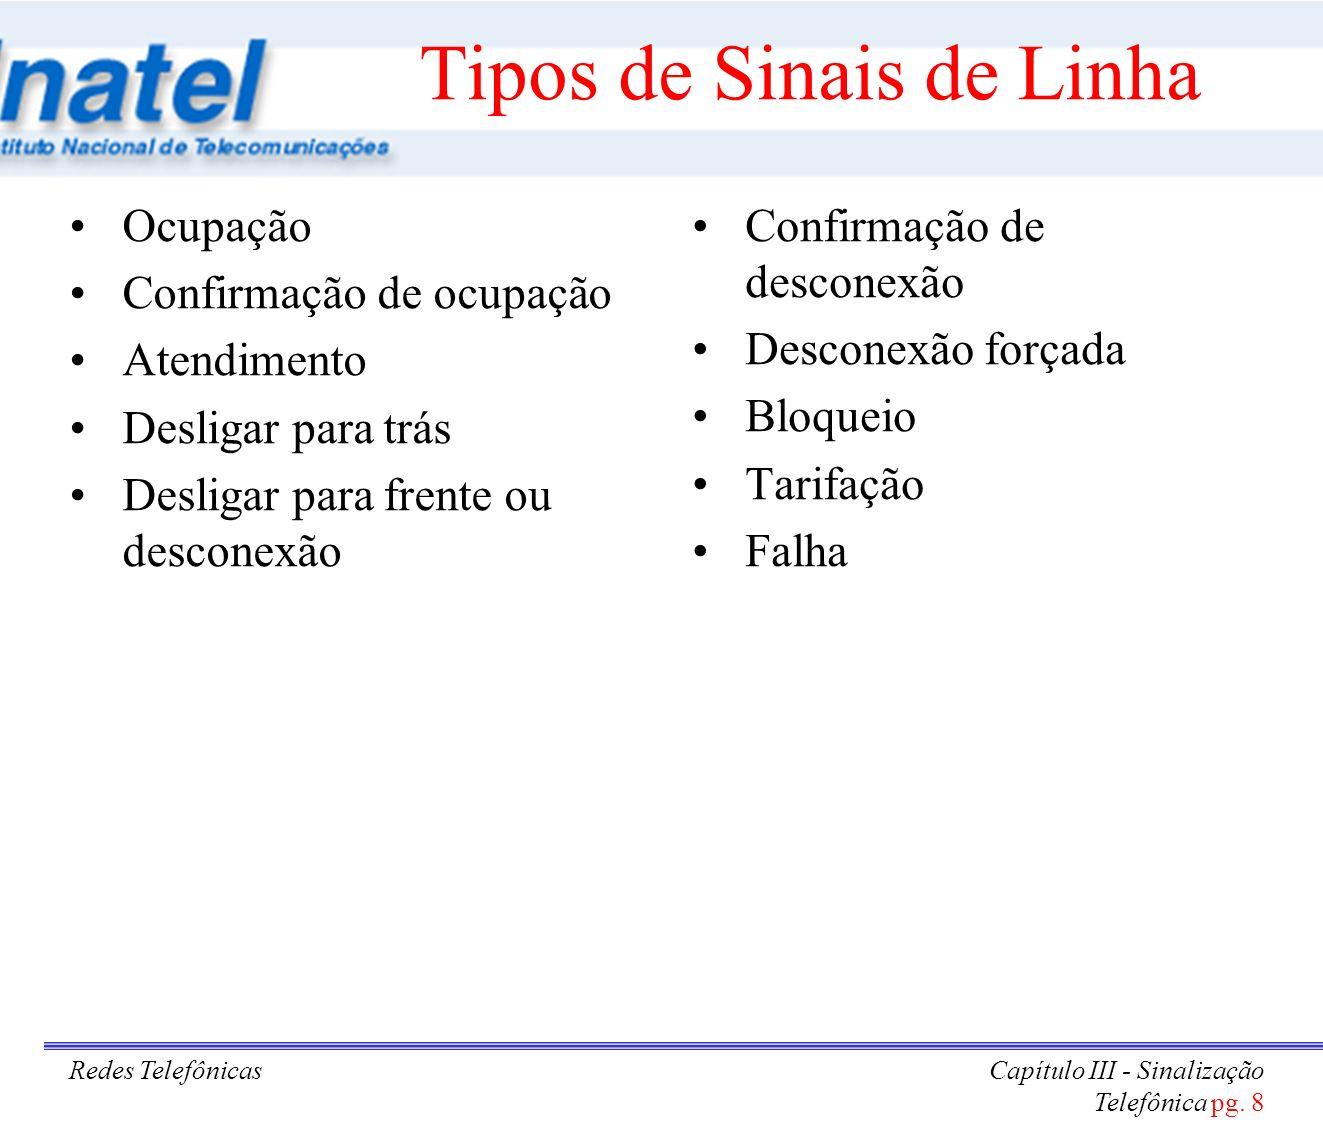 Redes TelefônicasCapítulo III - Sinalização Telefônica pg. 8 Tipos de Sinais de Linha Ocupação Confirmação de ocupação Atendimento Desligar para trás